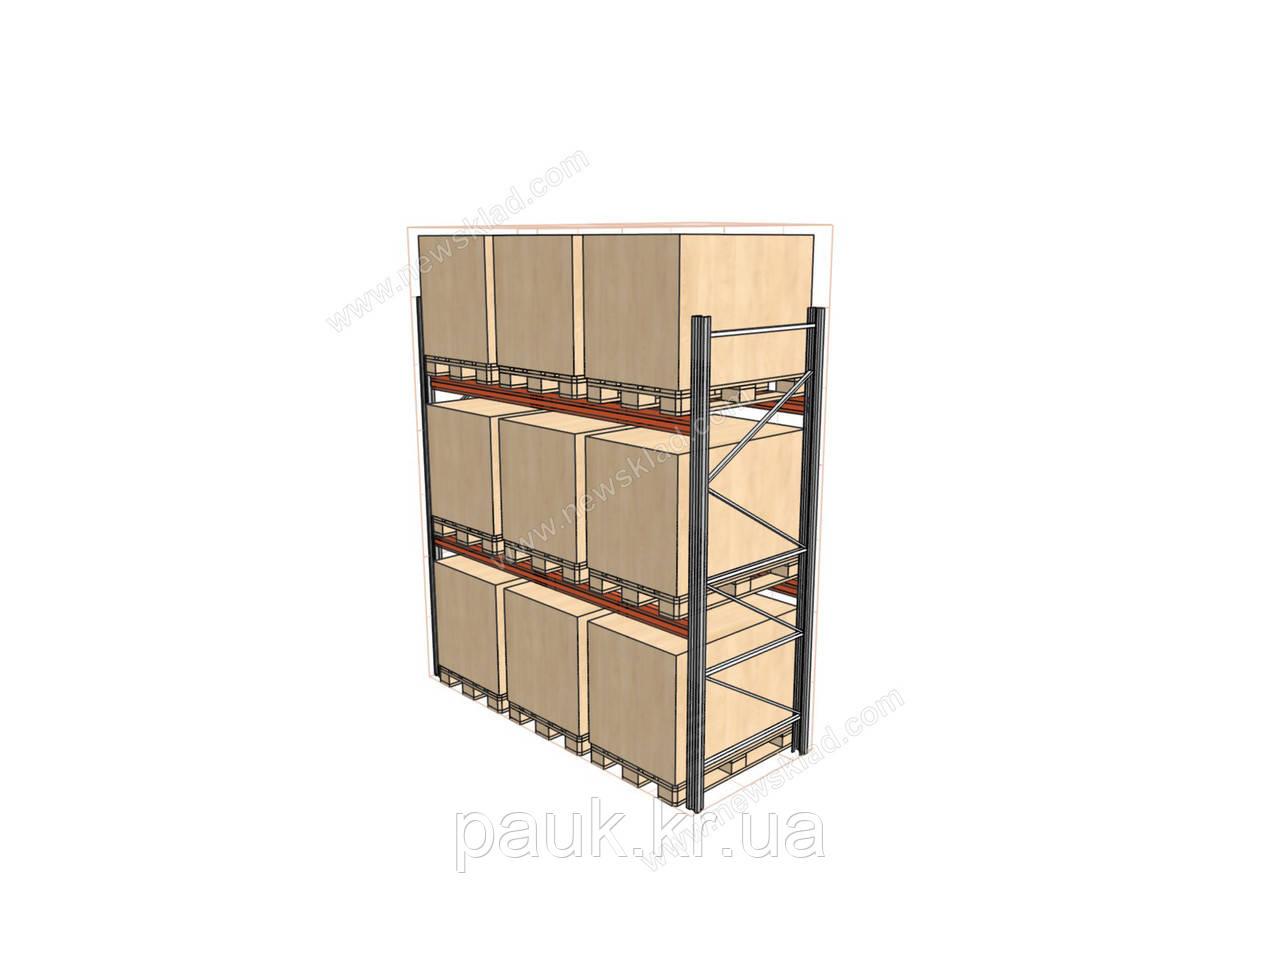 Стеллаж складской фронтальный H4500хL2700х1100 мм(пол.+2 уровня по 3000 кг на уровень), стеллаж для паллет